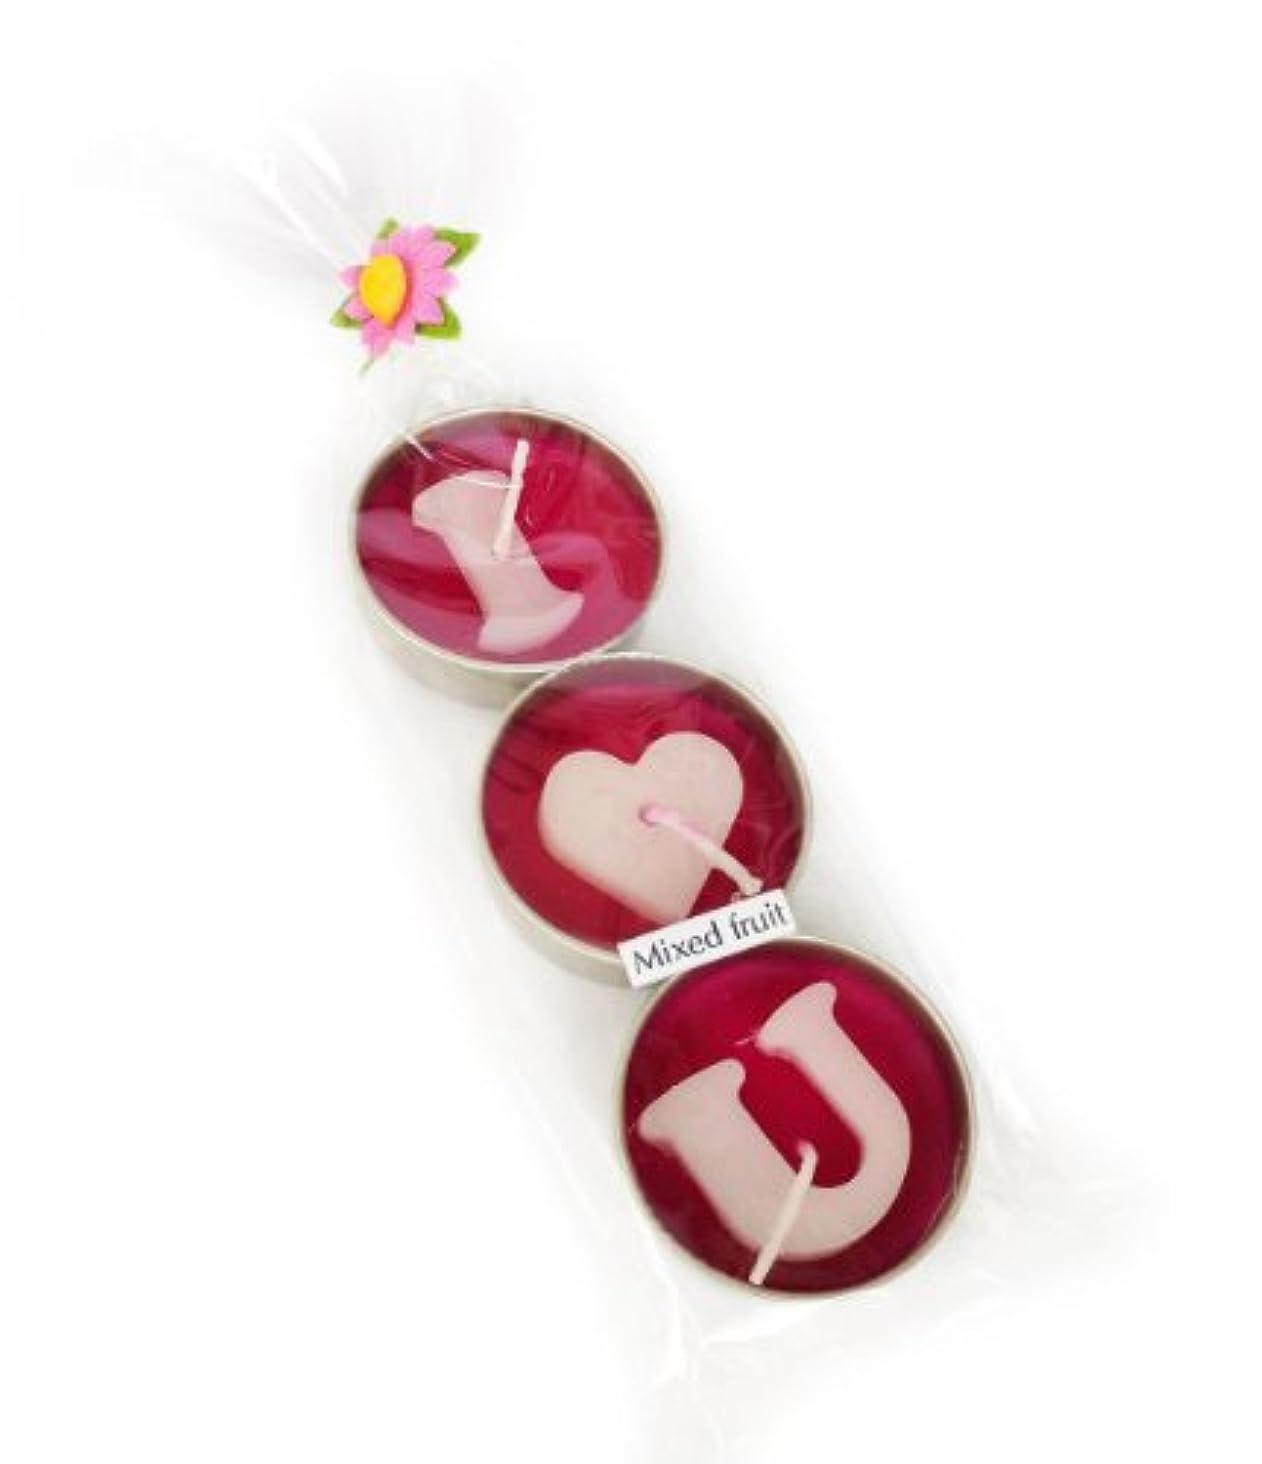 分泌する部分主権者アロマキャンドル/ラブキャンドル/ILoveU/モーク/ロウソク/ろうそ/1パック3個入り/(1Pack  3pc I love U Candle) (Mixed Fruit)